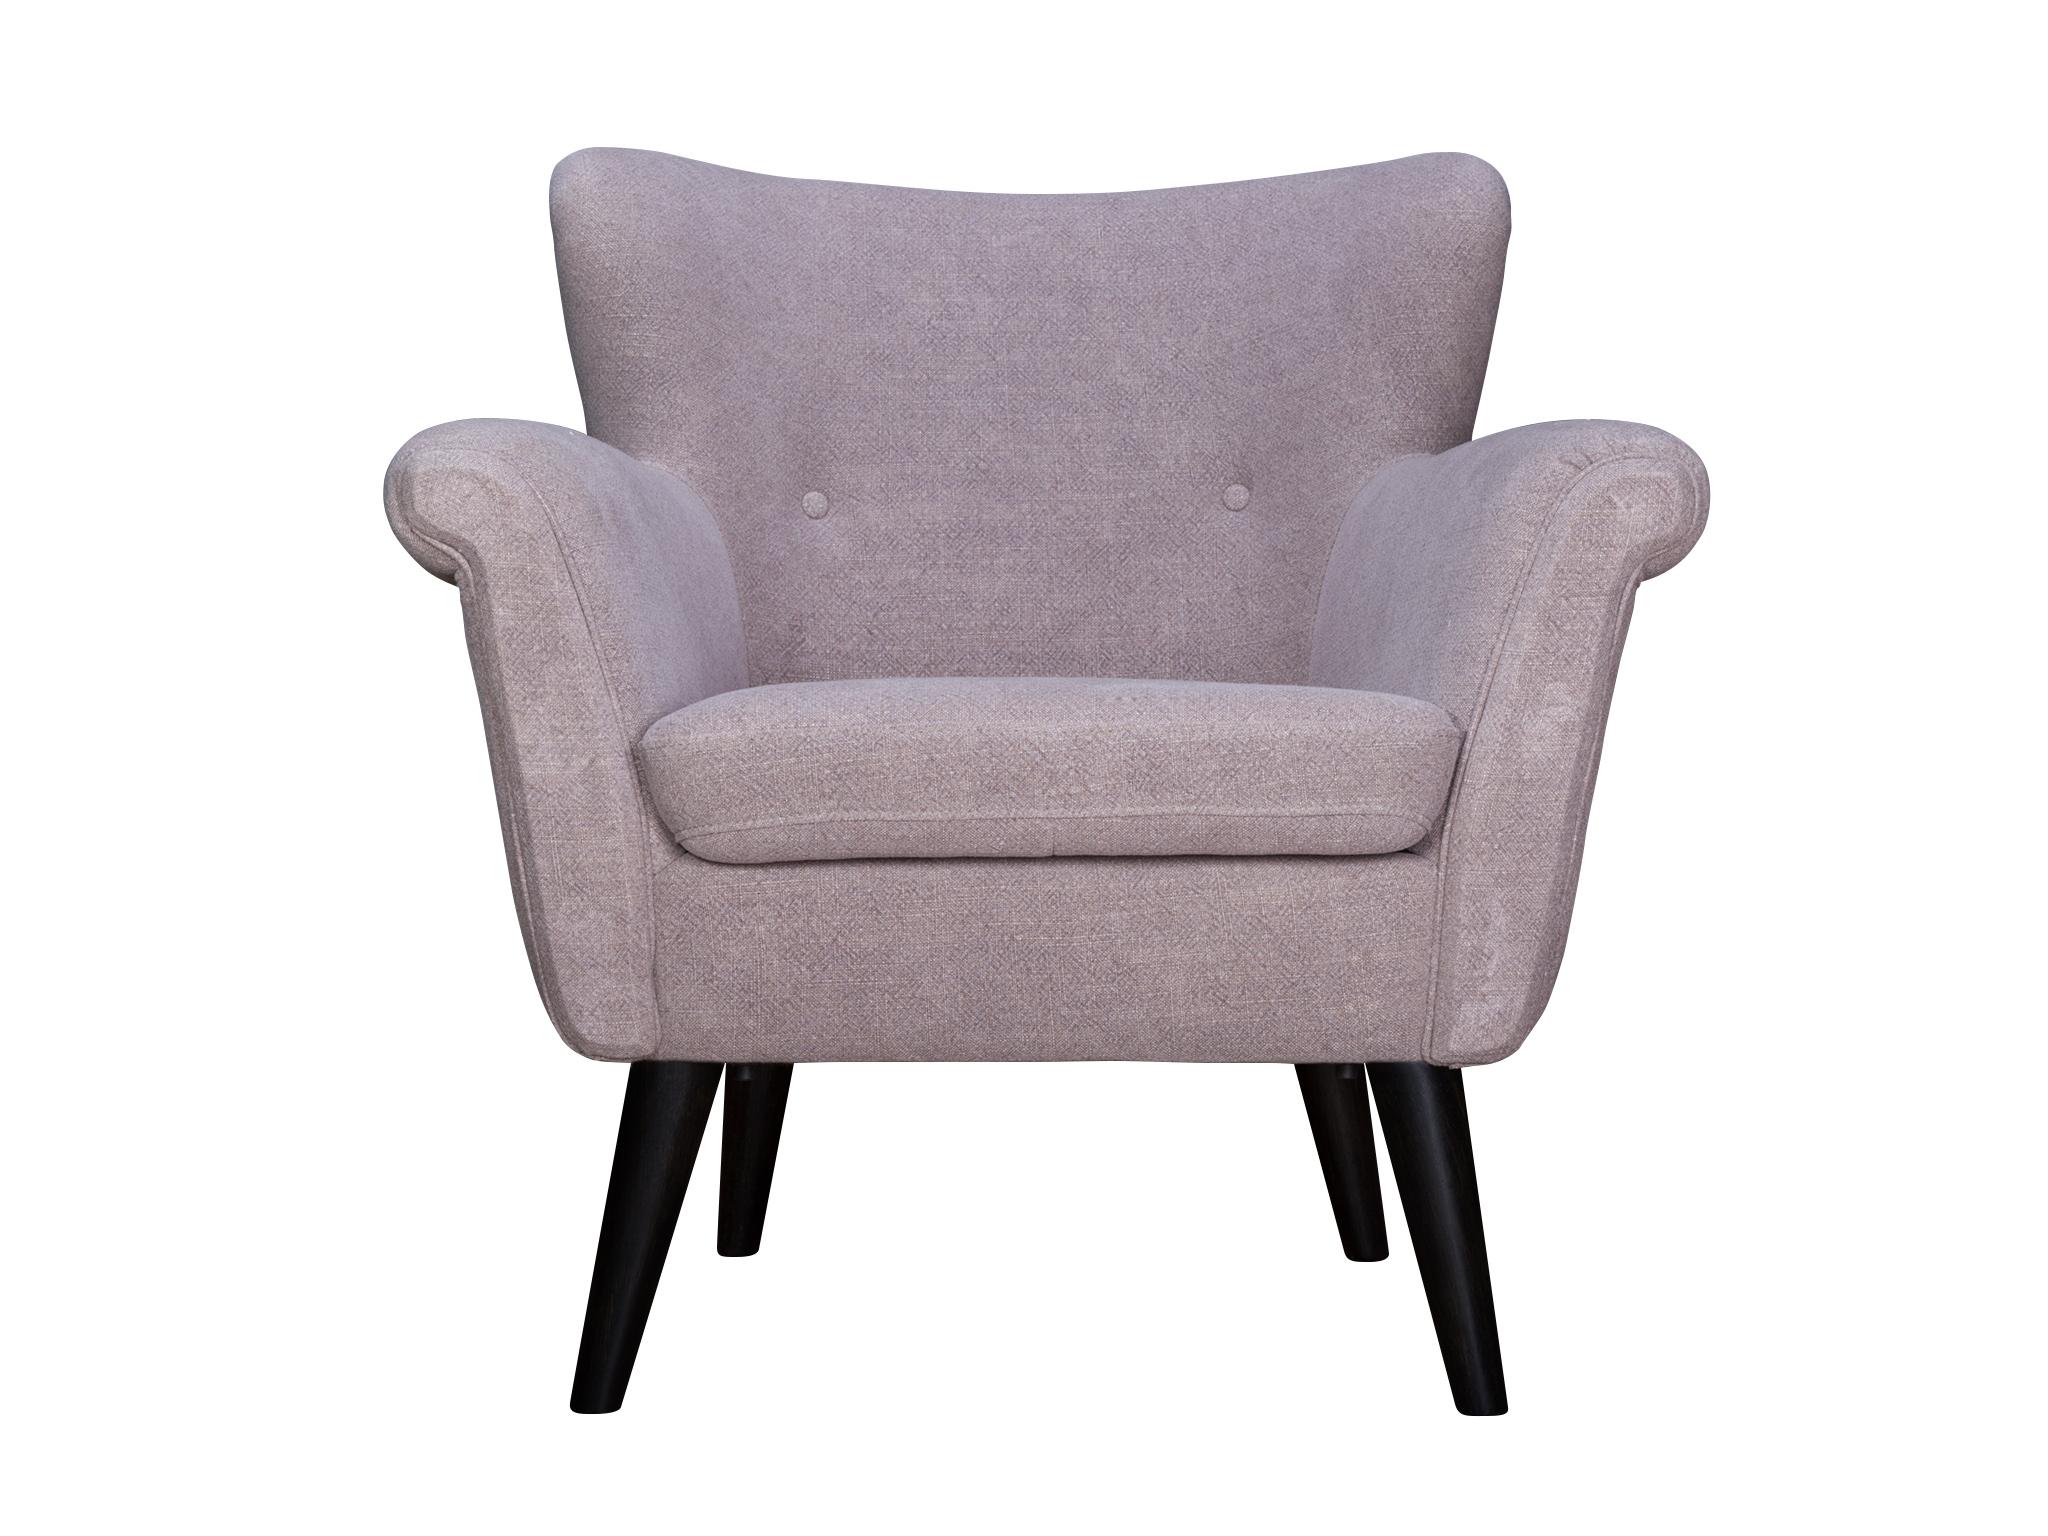 Кресло AlexИнтерьерные кресла<br>Кресло Alex, из новой коллекции нашего собственного бренда LIVING, идеально для отдыха благодаря своим мягким и округлым ручкам, а также удобным подголовником. Оно станет вашим излюбленным местом, как в спальне, так и в зоне отдыха.<br><br>Material: Текстиль<br>Width см: 80<br>Depth см: 81<br>Height см: 79